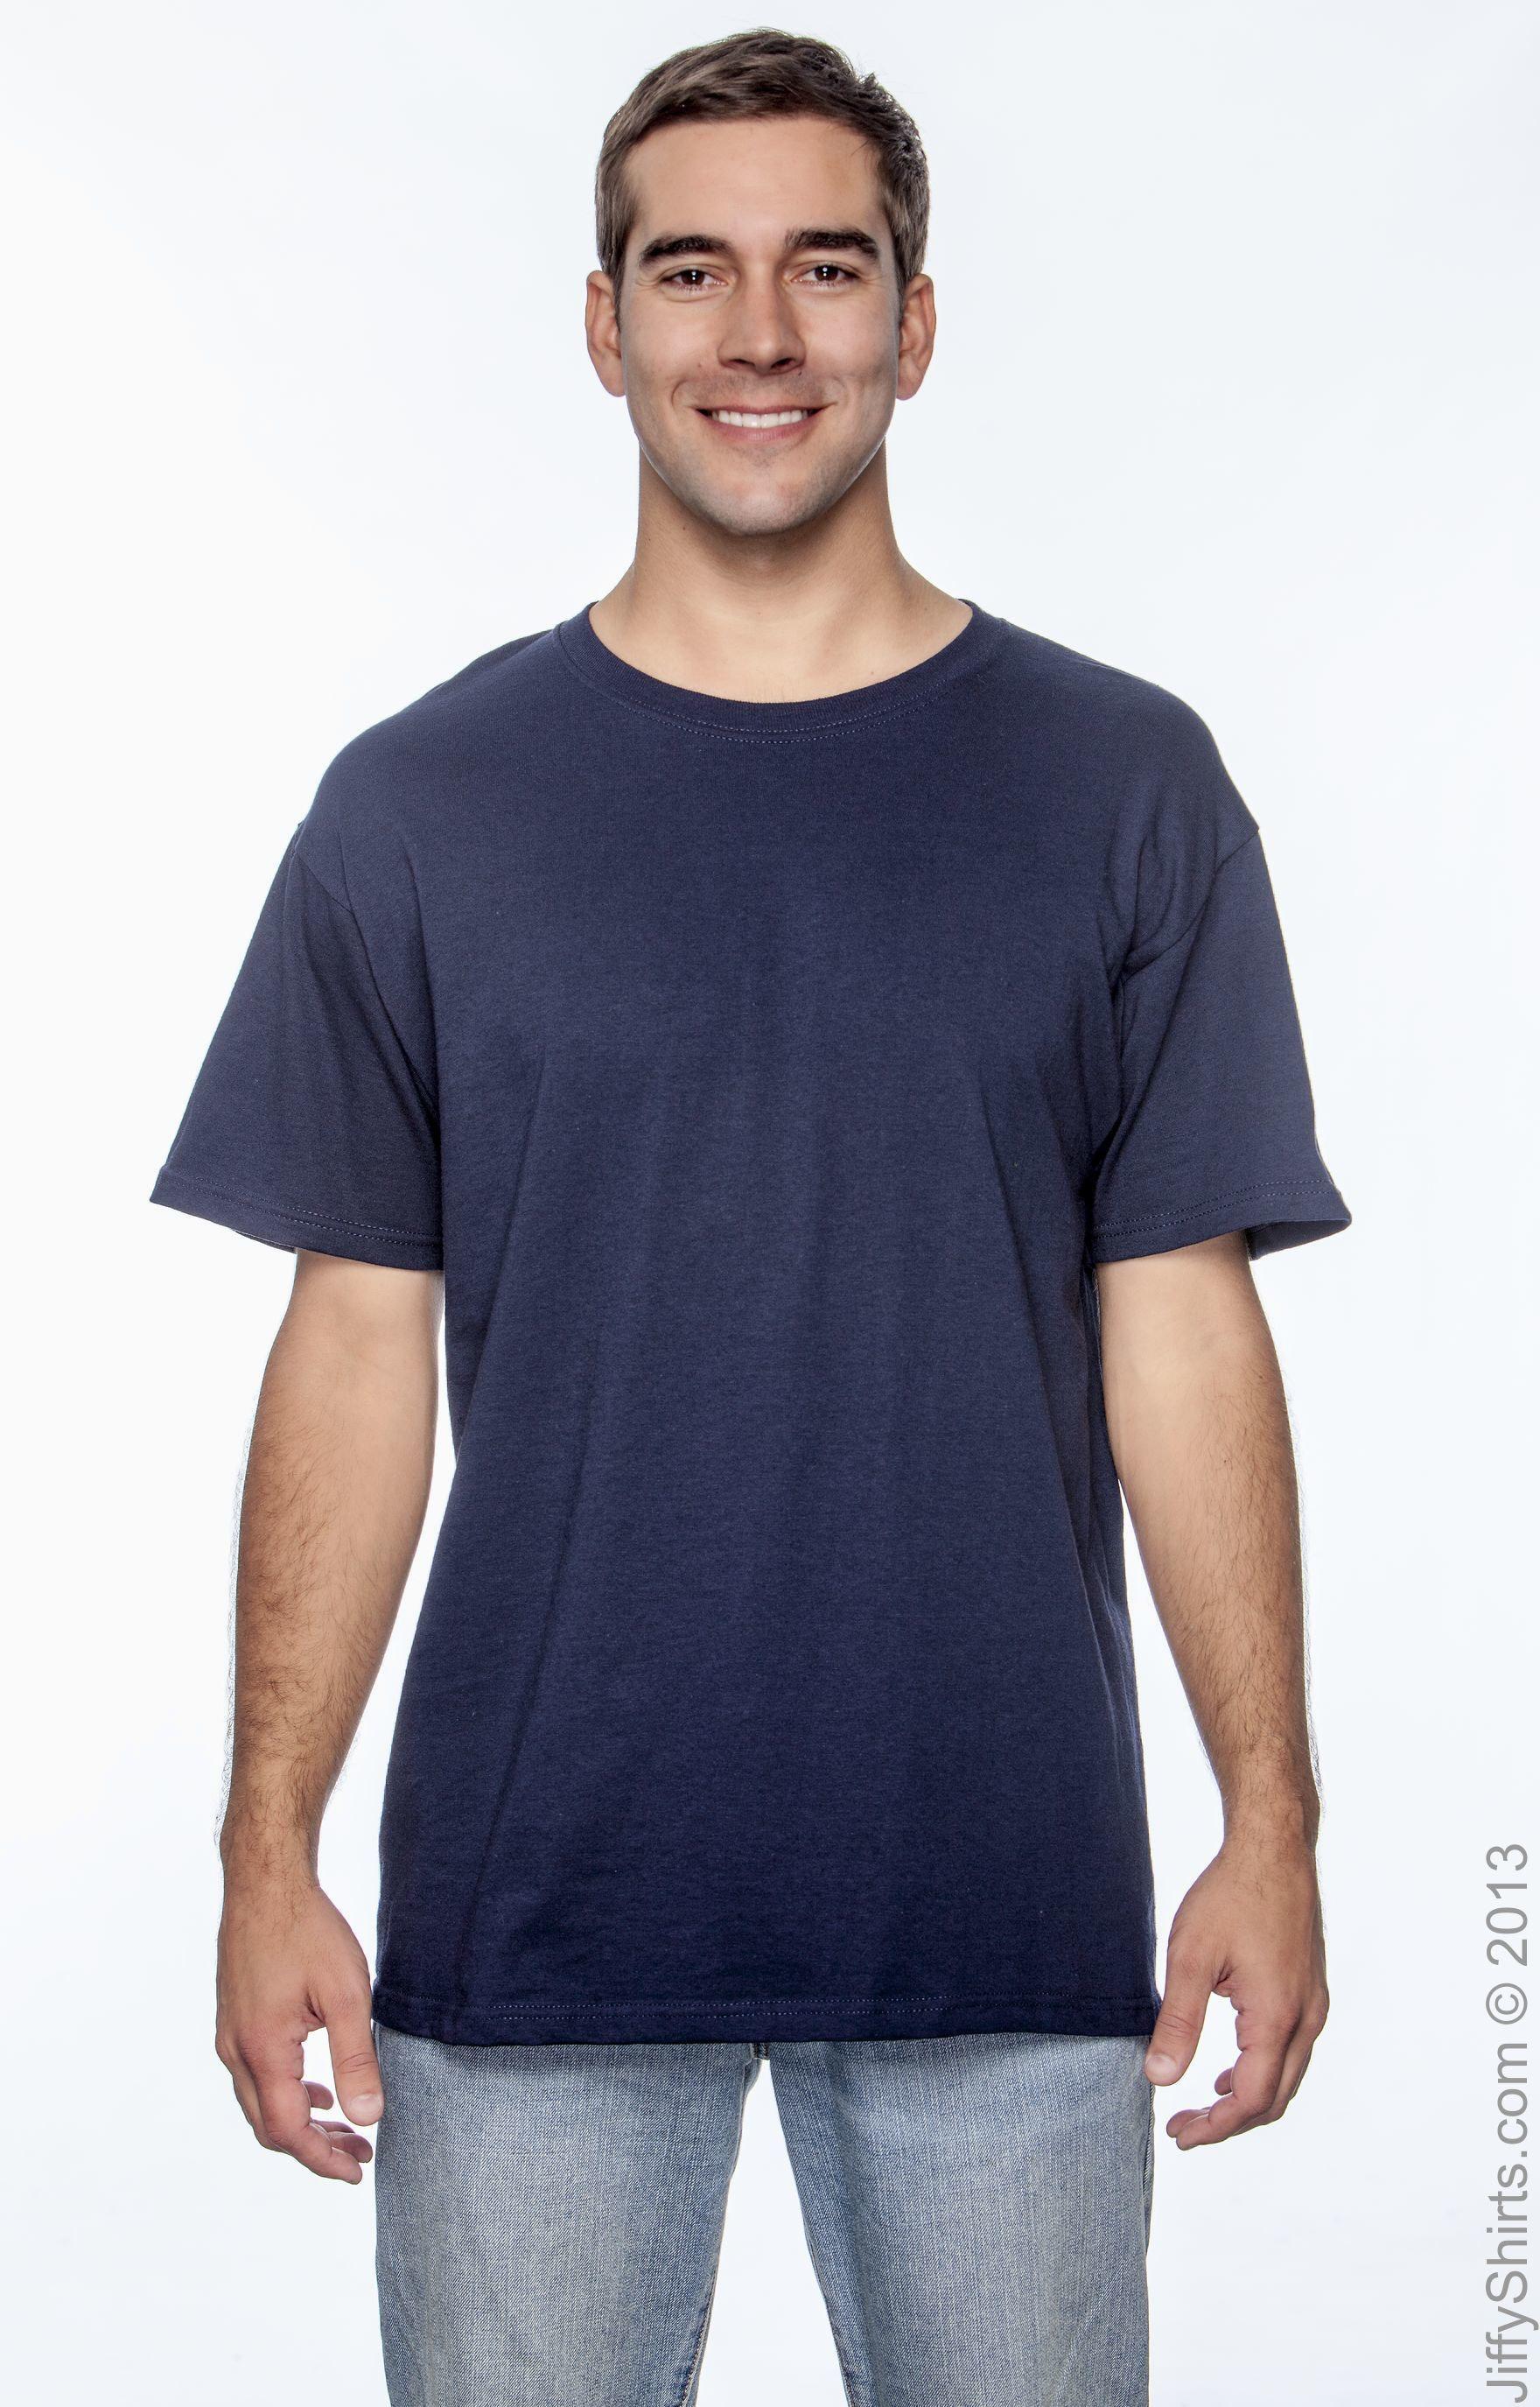 Wholesale Blank Shirts Jiffyshirtscom